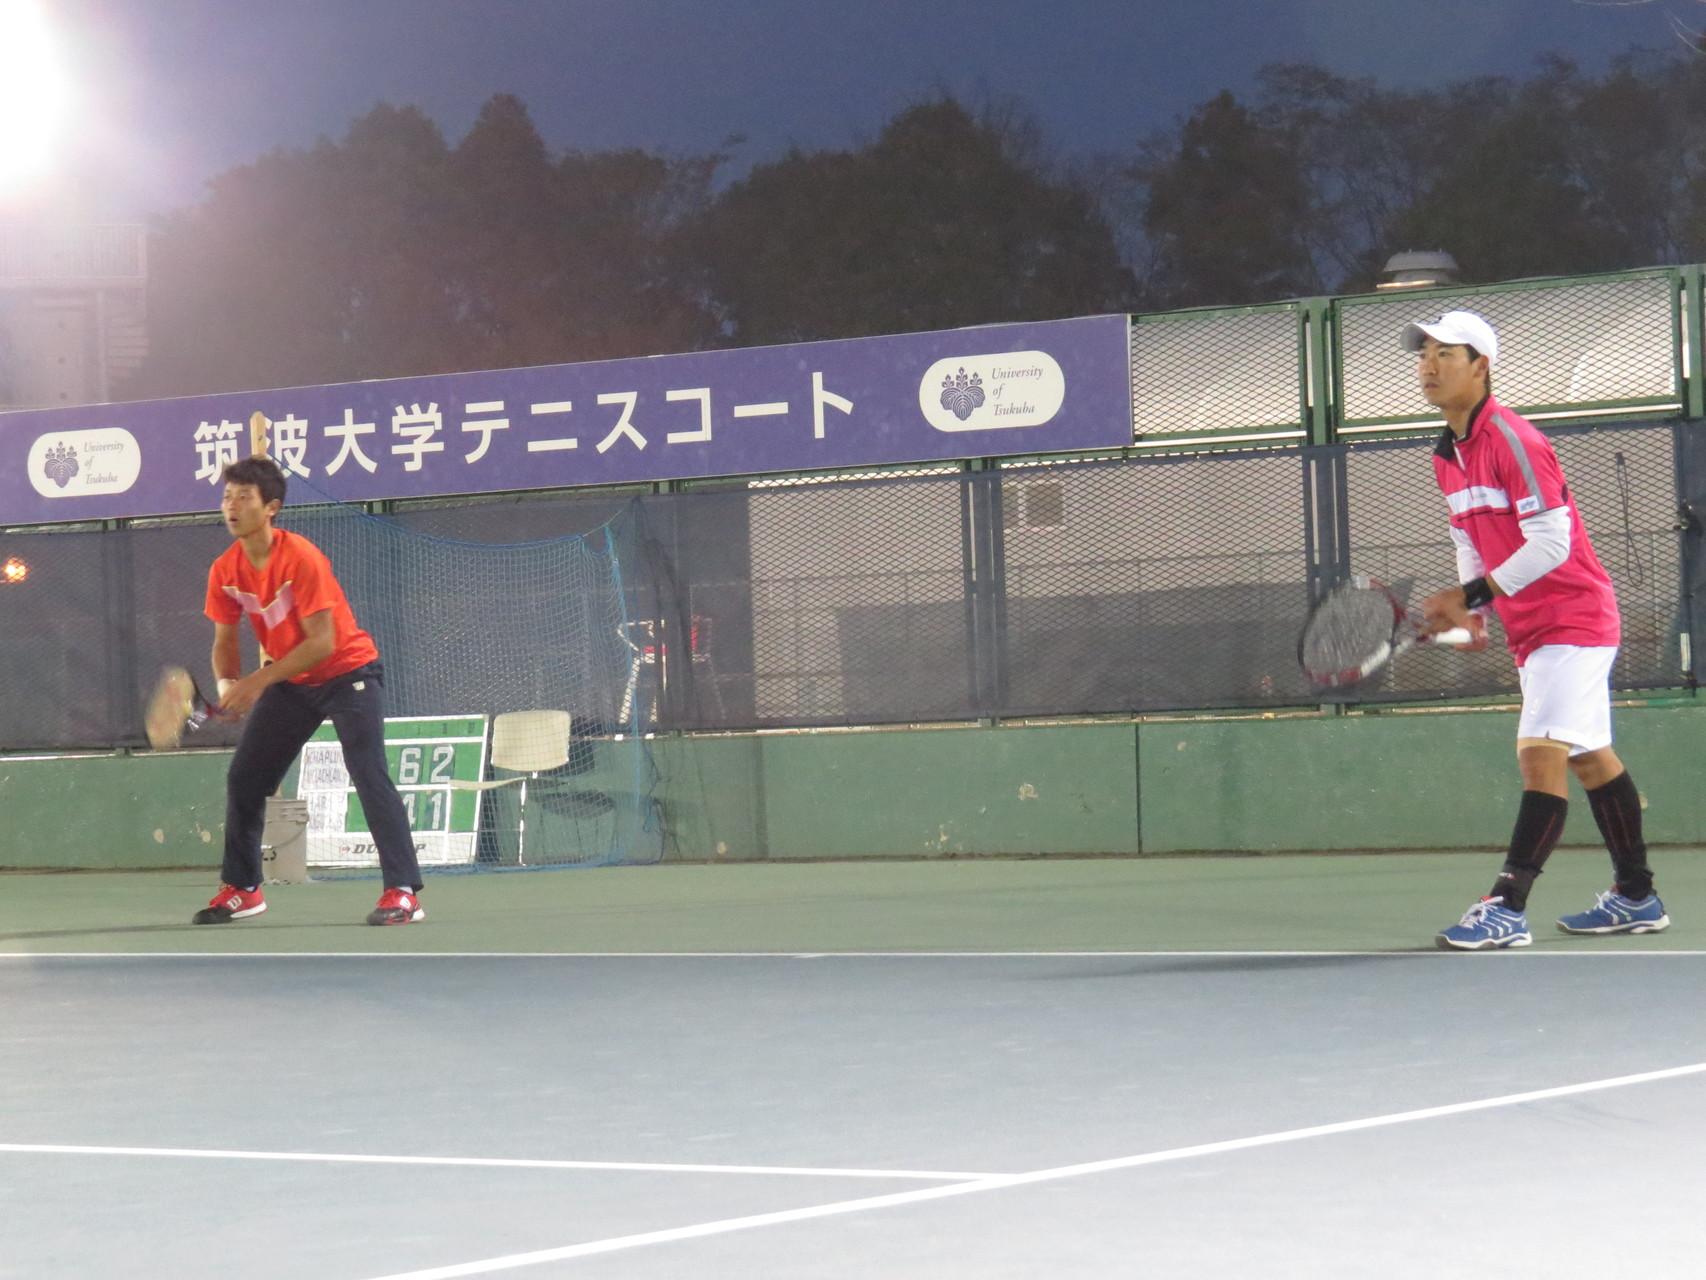 斉藤貴史(津幡町テニス協会)/綿貫裕介(橋本総業)